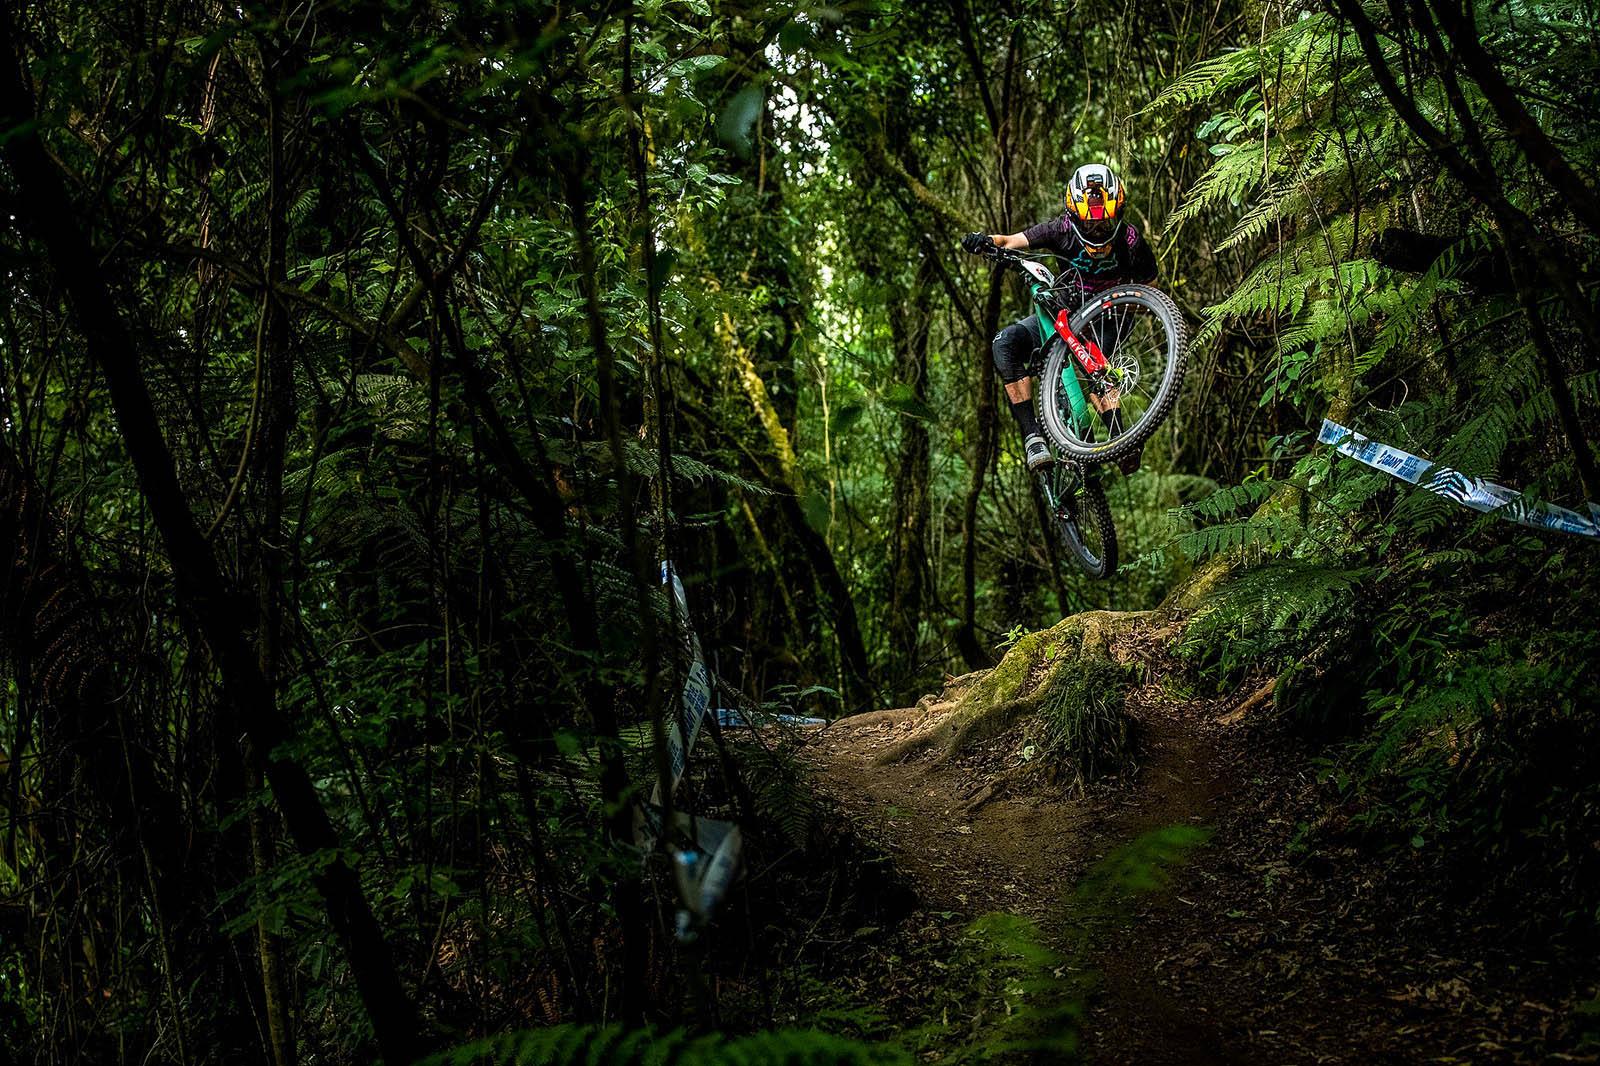 Santa Cruz Bicycles - EWS Rotorua - 2019